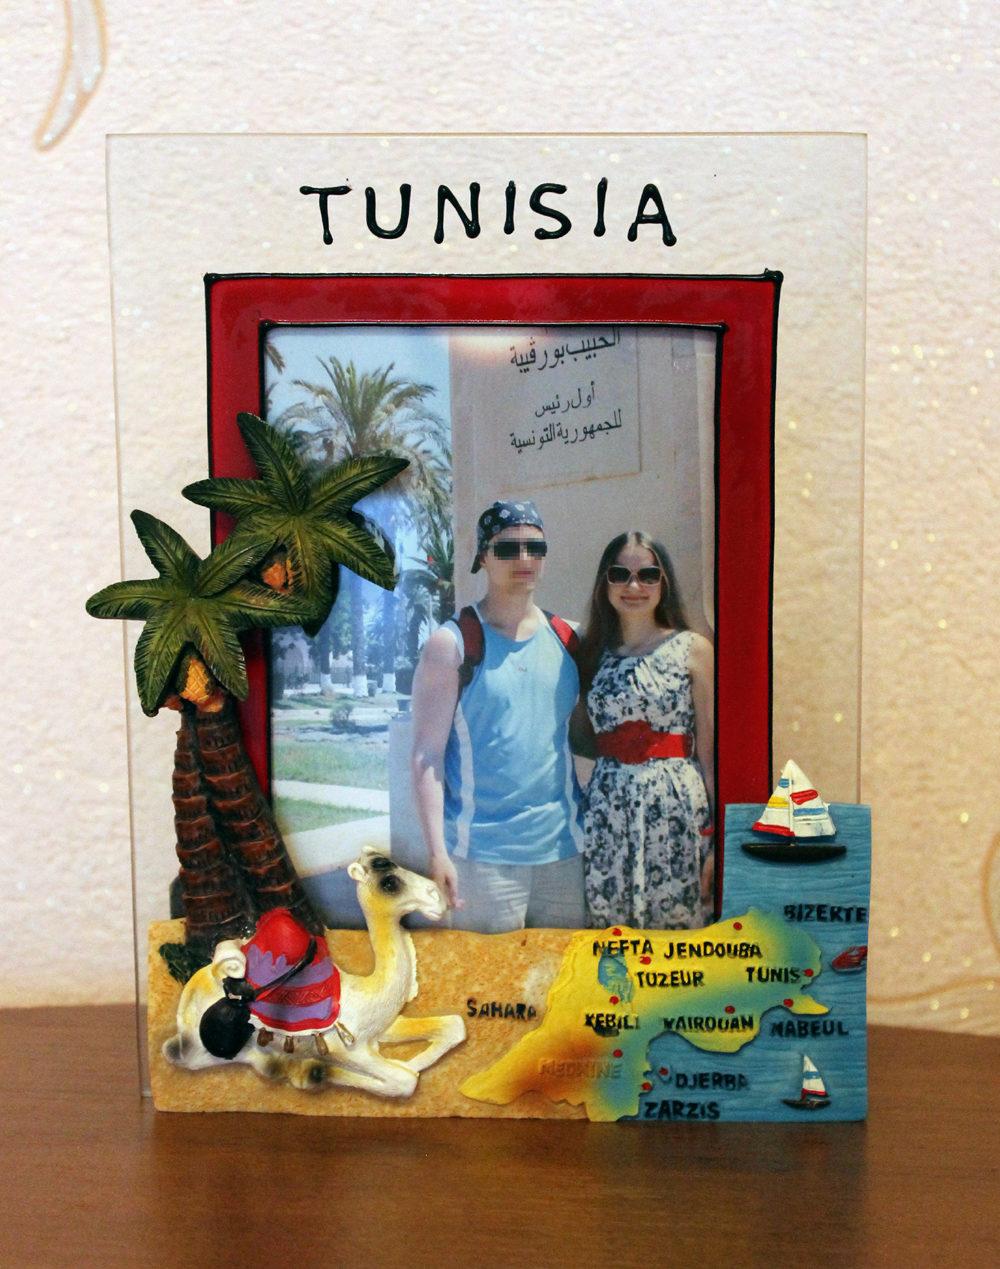 тунис рамка фото